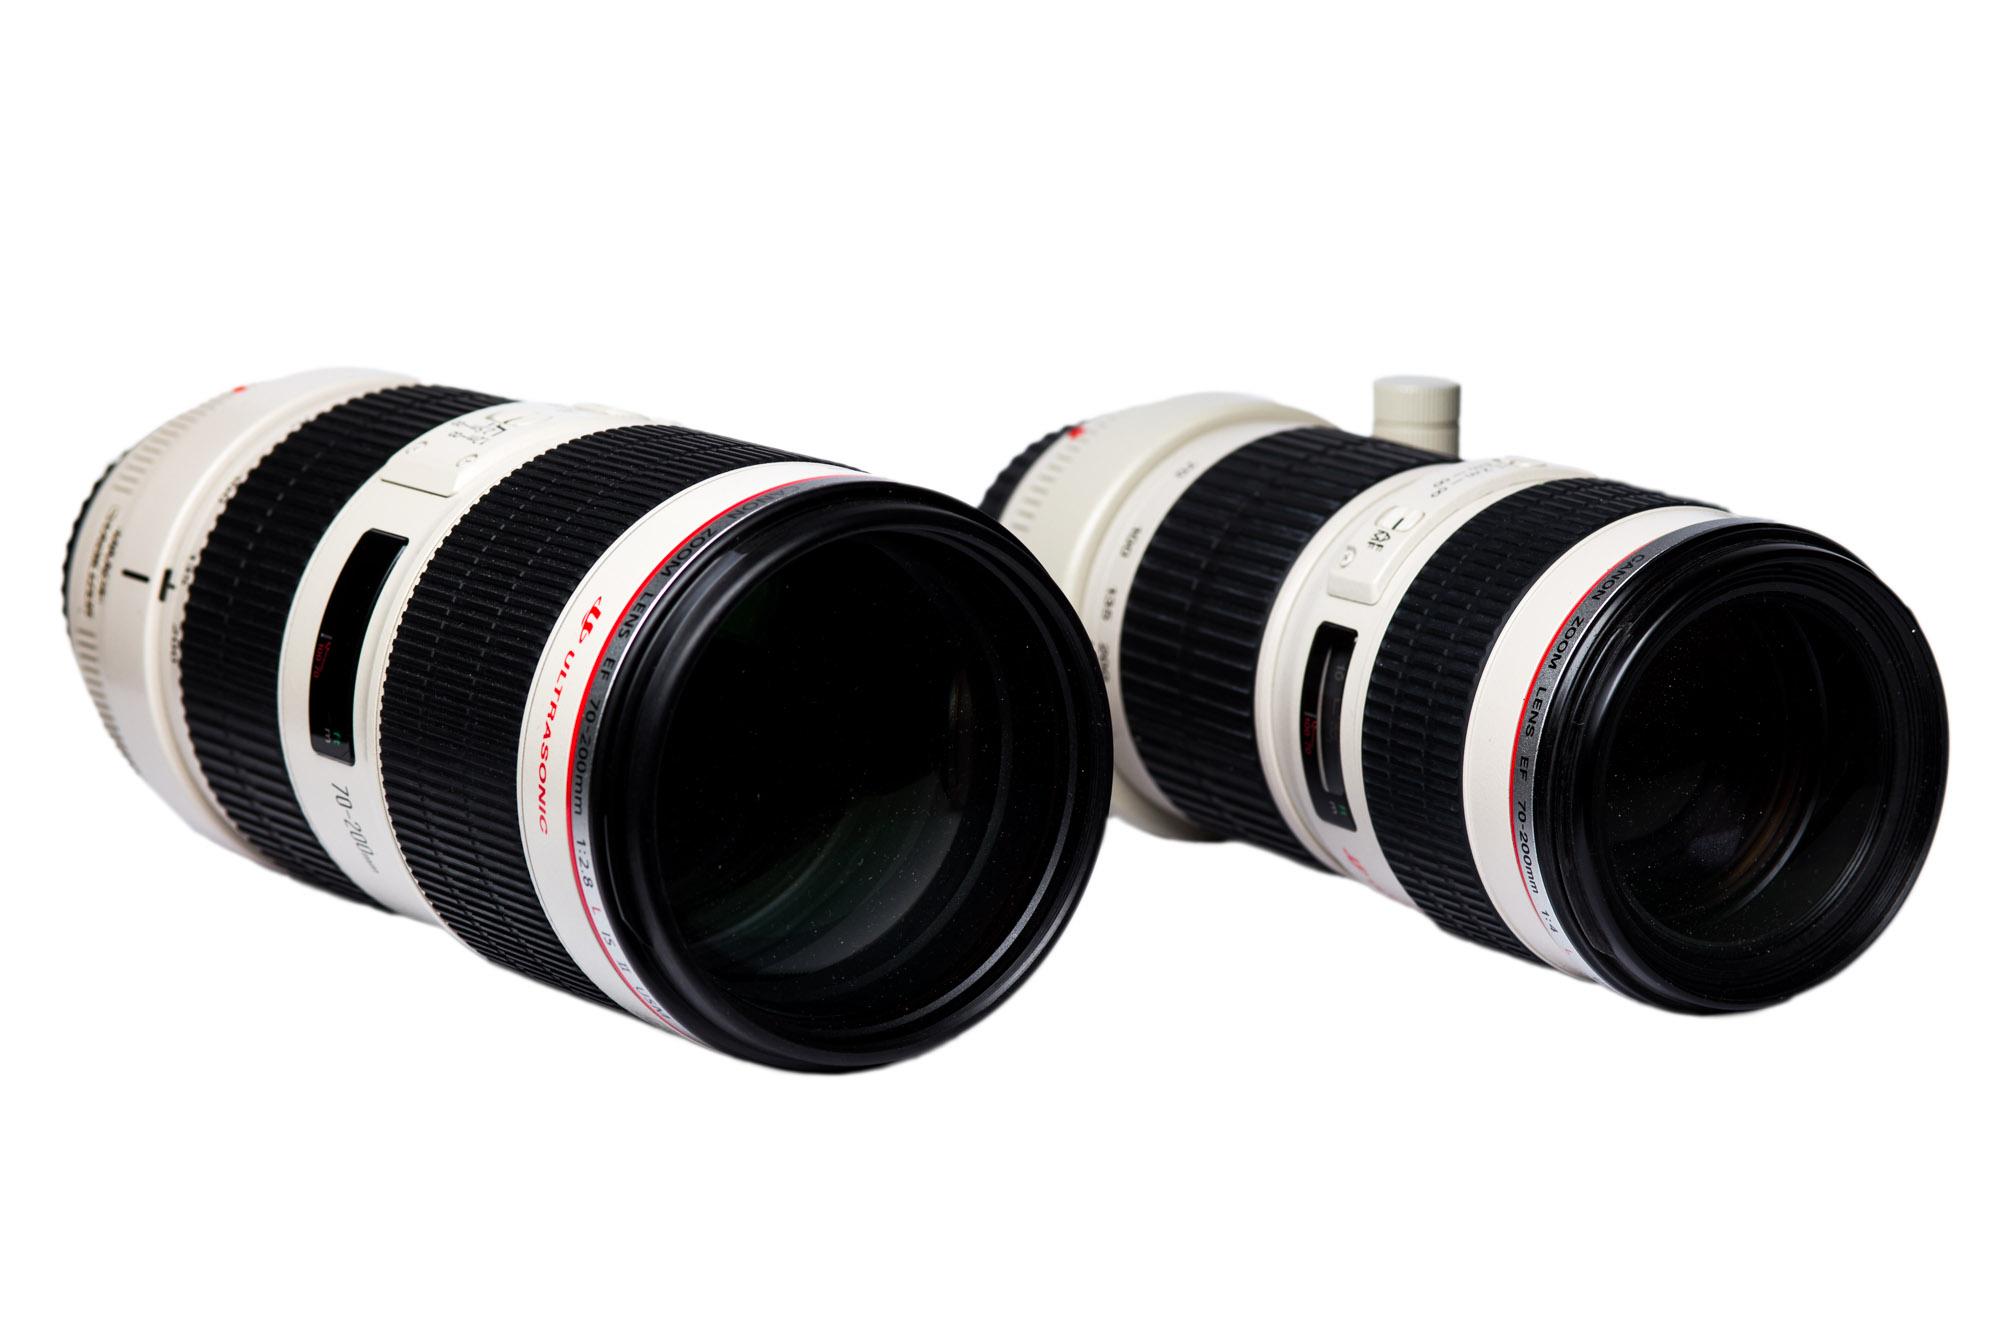 Canon EF 70-200/2.8 L IS USM II (rechts) gegen Canon EF 70-200/4 L USM (links). Bezüglich Handlichkeit und Transportabilität gewinnt das Lichtschwächere Modell. In sachen Stabilität Bildqualität und Lichstärke gewinnt das 70-200/2.8 L IS USM II. Wer also unbedingt ein leichtes Objektiv braucht muss zum f/4 Modell greifen.